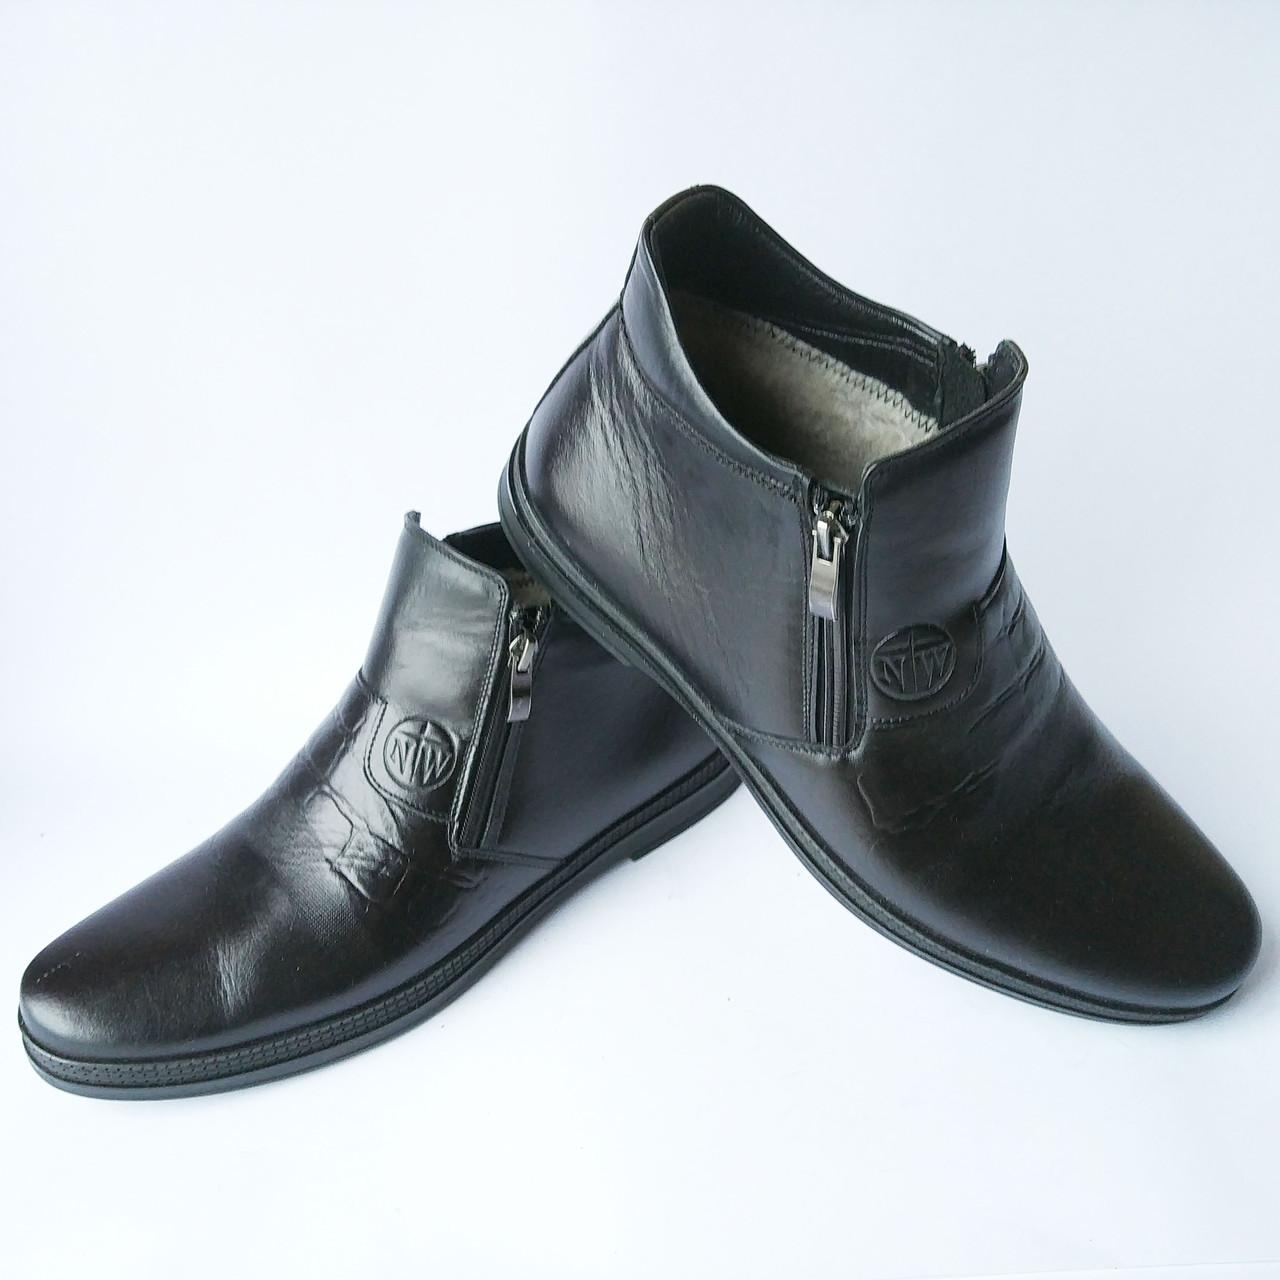 0741c90235ce Nord West обувь Украина   зимние мужские ботинки, кожаные, черного цвета,  на италийском